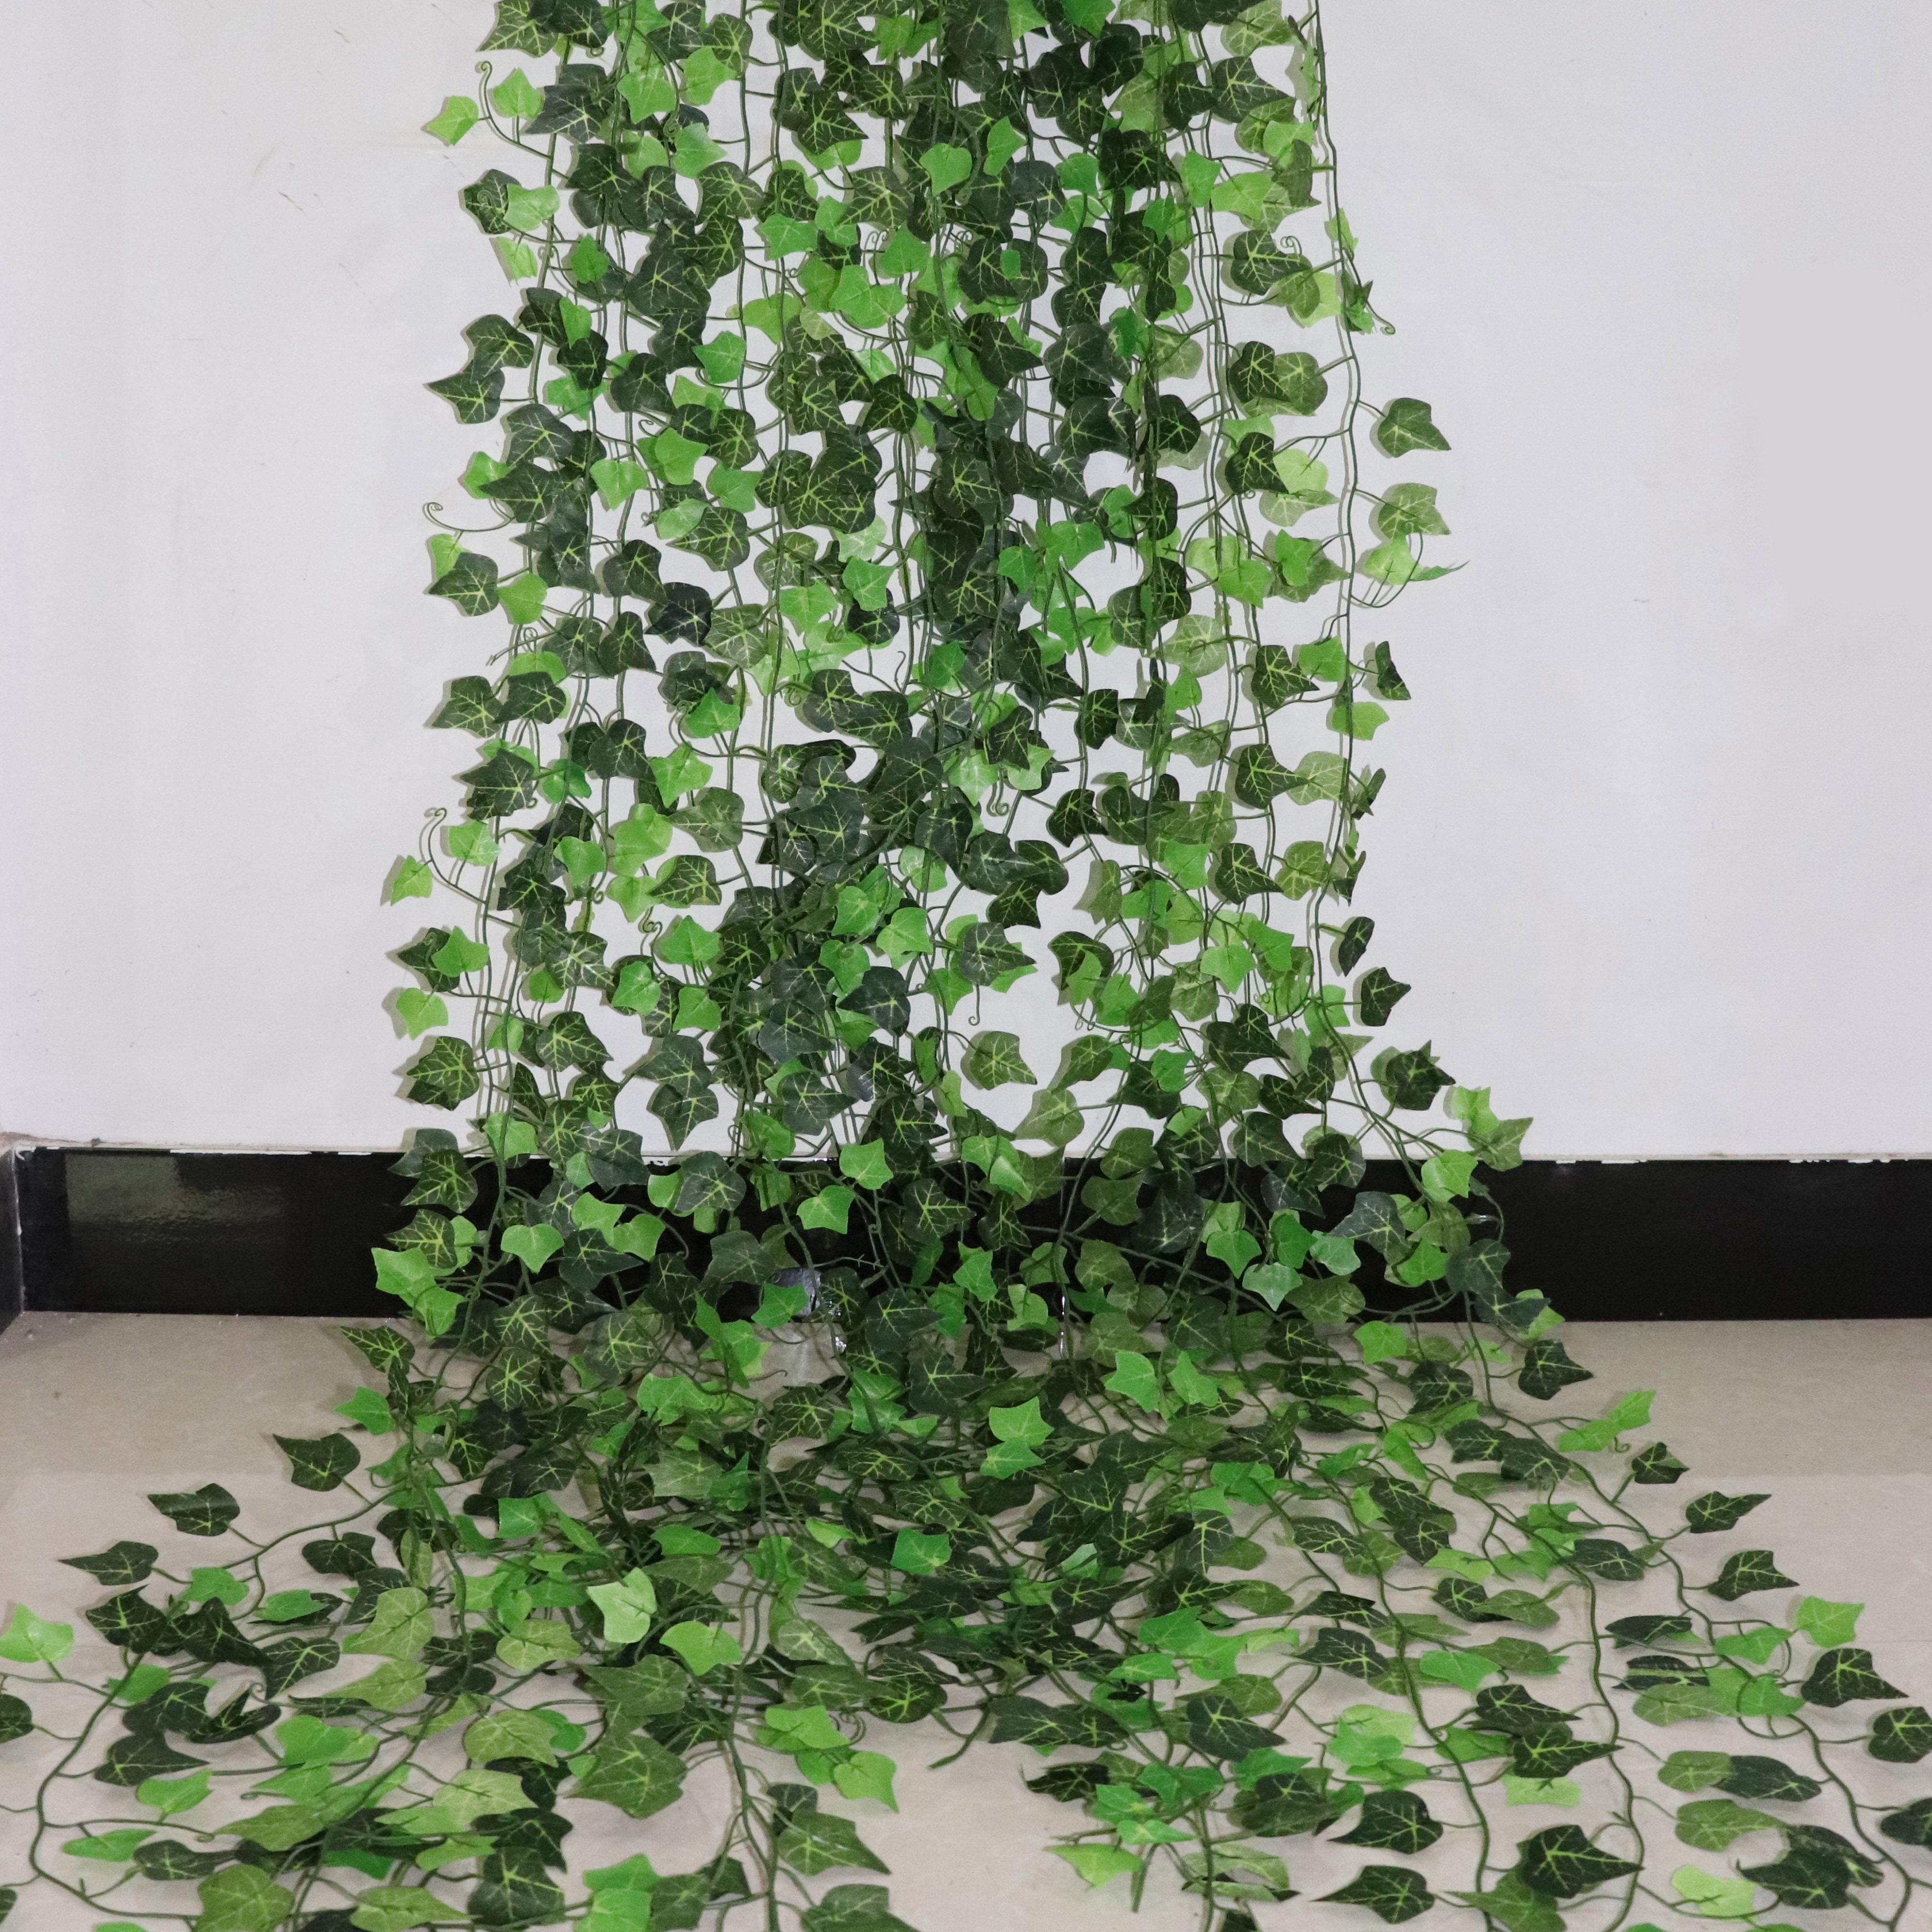 100 stücke Blatt 1 stück 2,4 M Home Decor Künstliche Ivy Blatt Garland Pflanzen Vine Gefälschte Laub Blumen Creeper Grün ivy Kranz